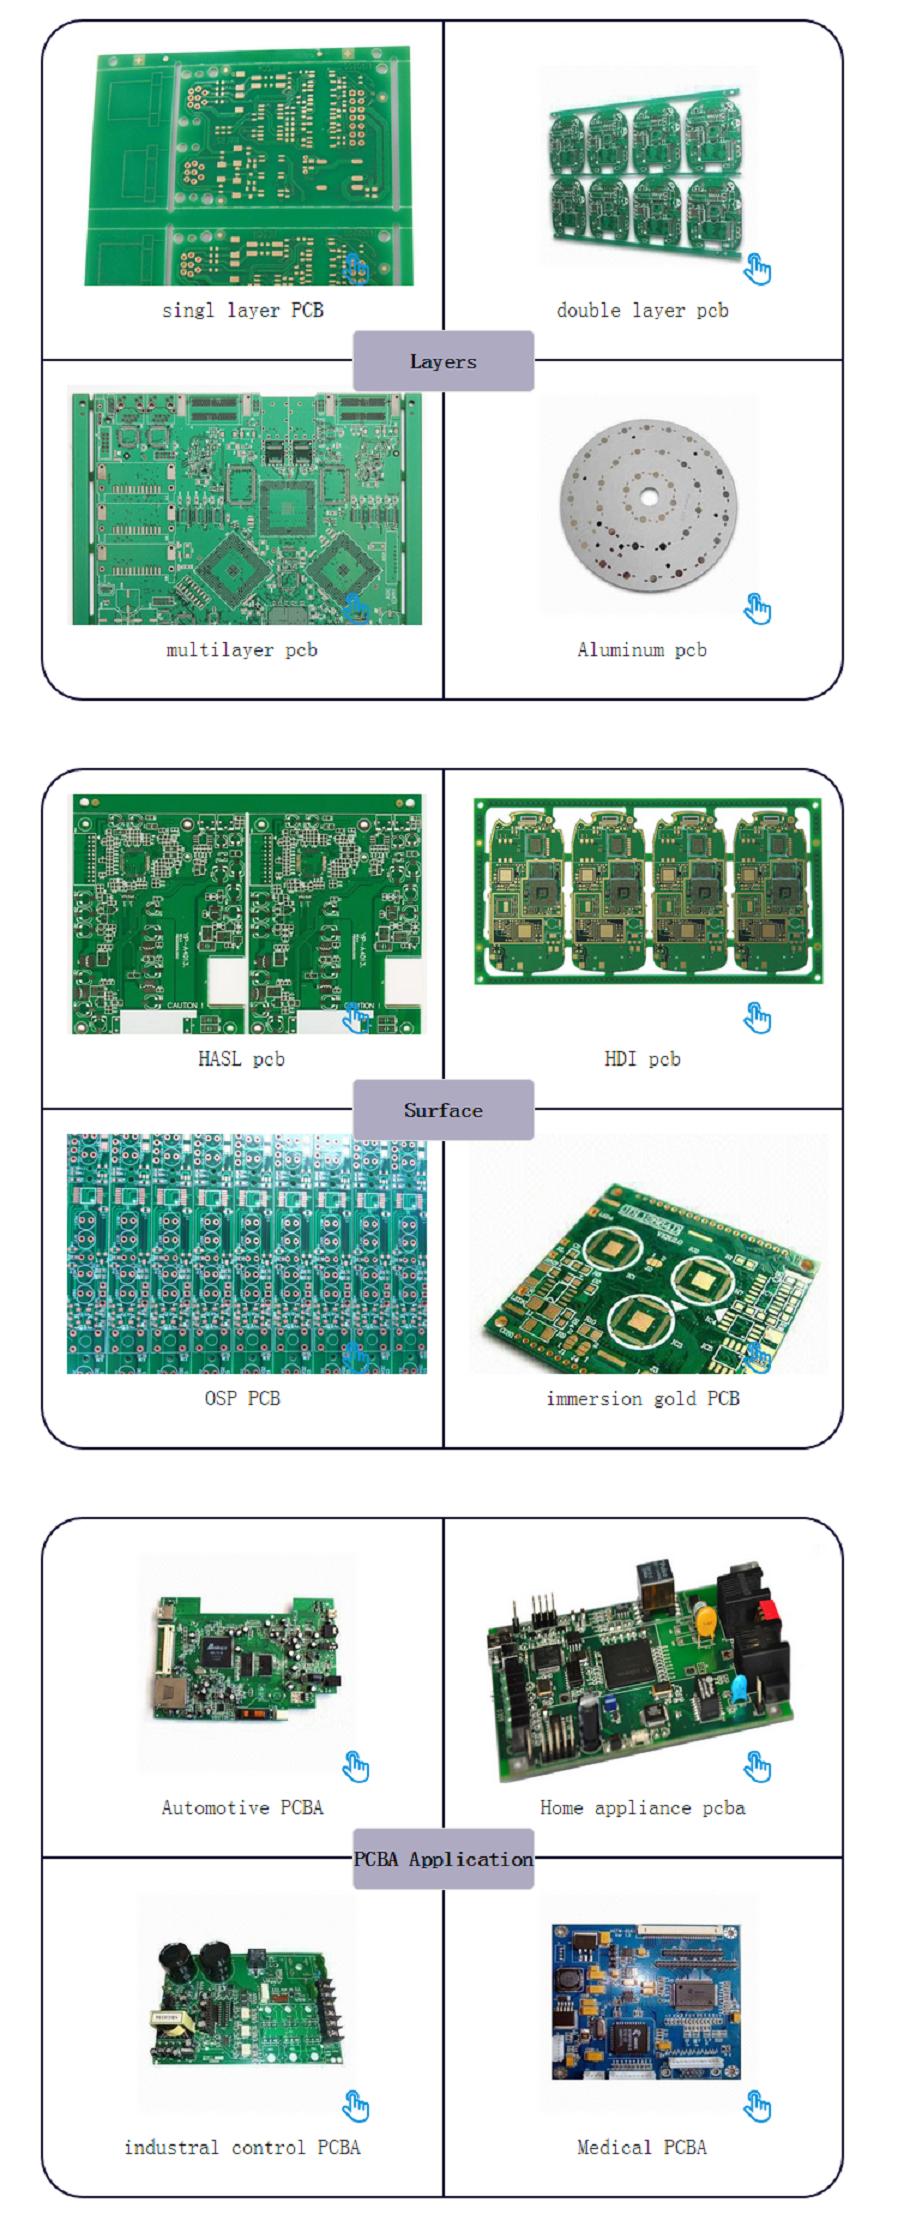 Ro4000 Series Laminate Pcbro4003 Pcb Circuit Board Buy Pcbcircuit Pcbelectronic Ro4003